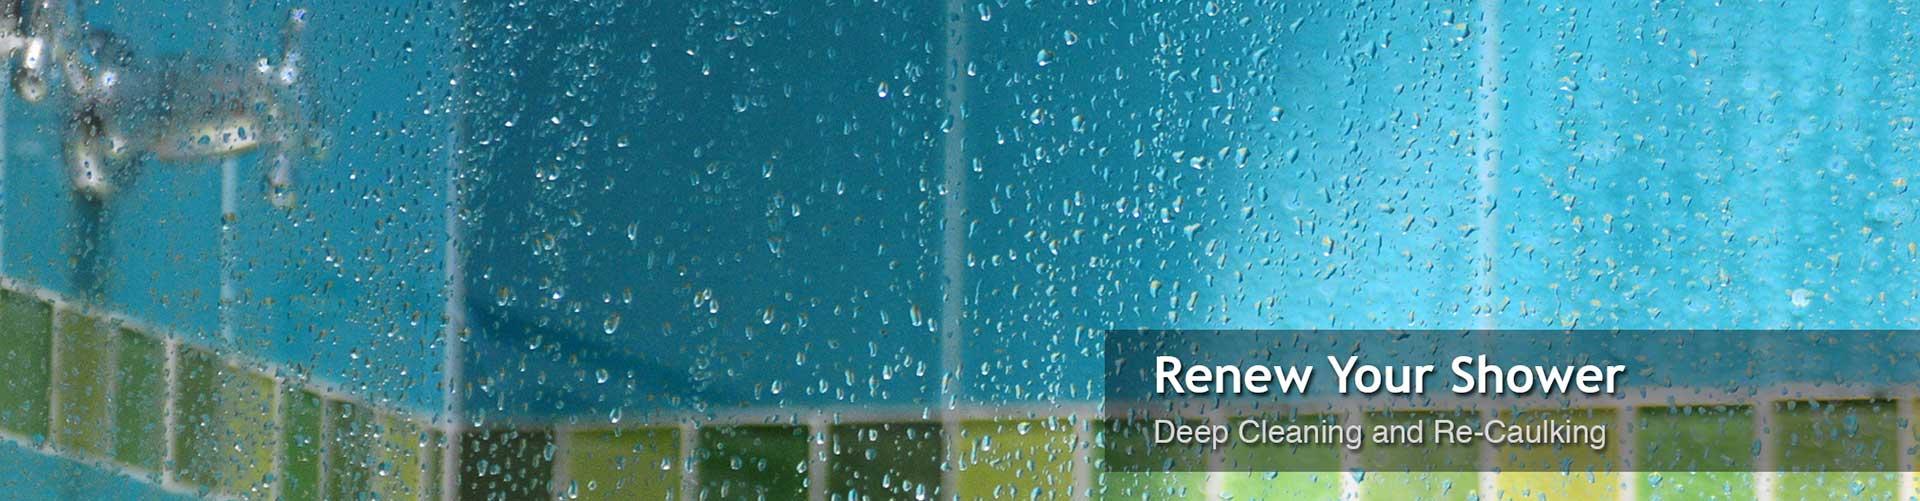 slide-shower-renew